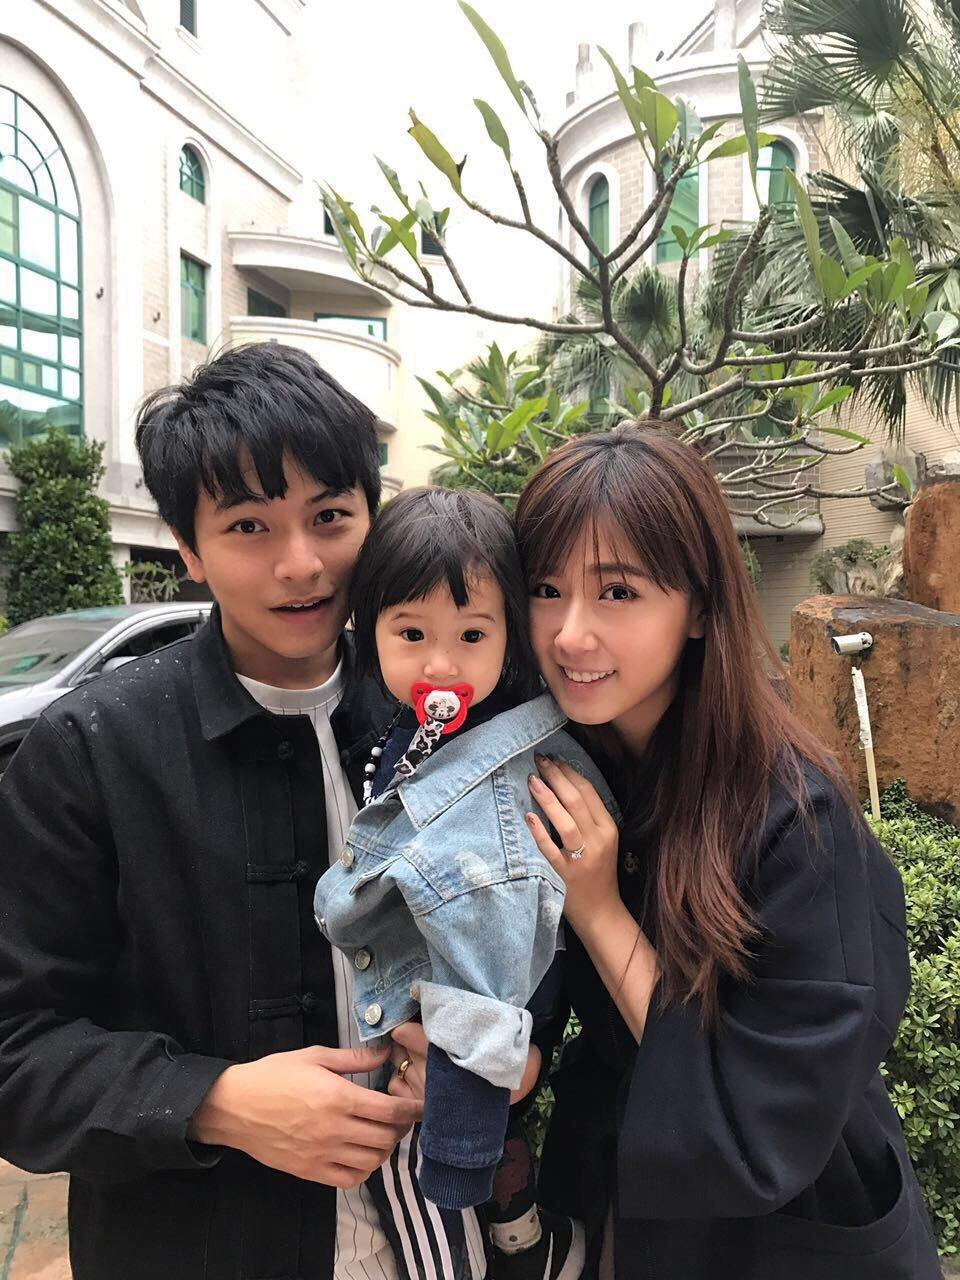 方志友(右)帶著女兒探班老公楊銘威(左)。圖/東森提供